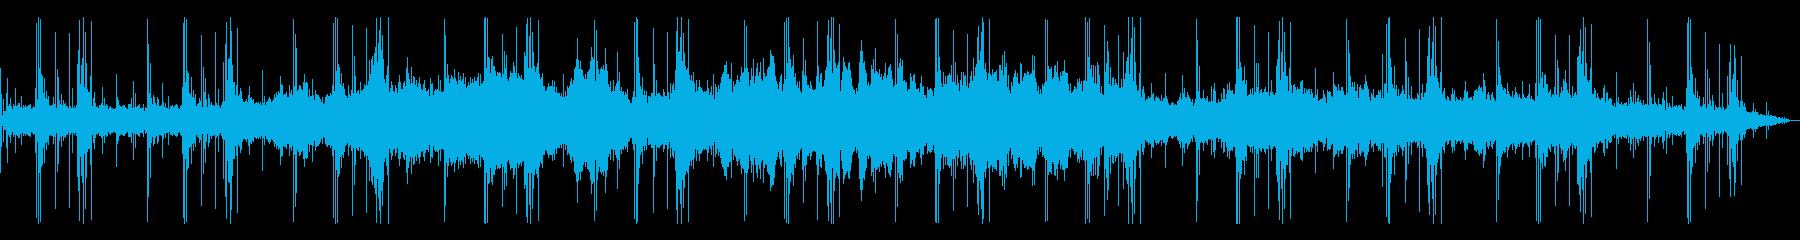 環境音×人工効果 現実のようで現実でないの再生済みの波形